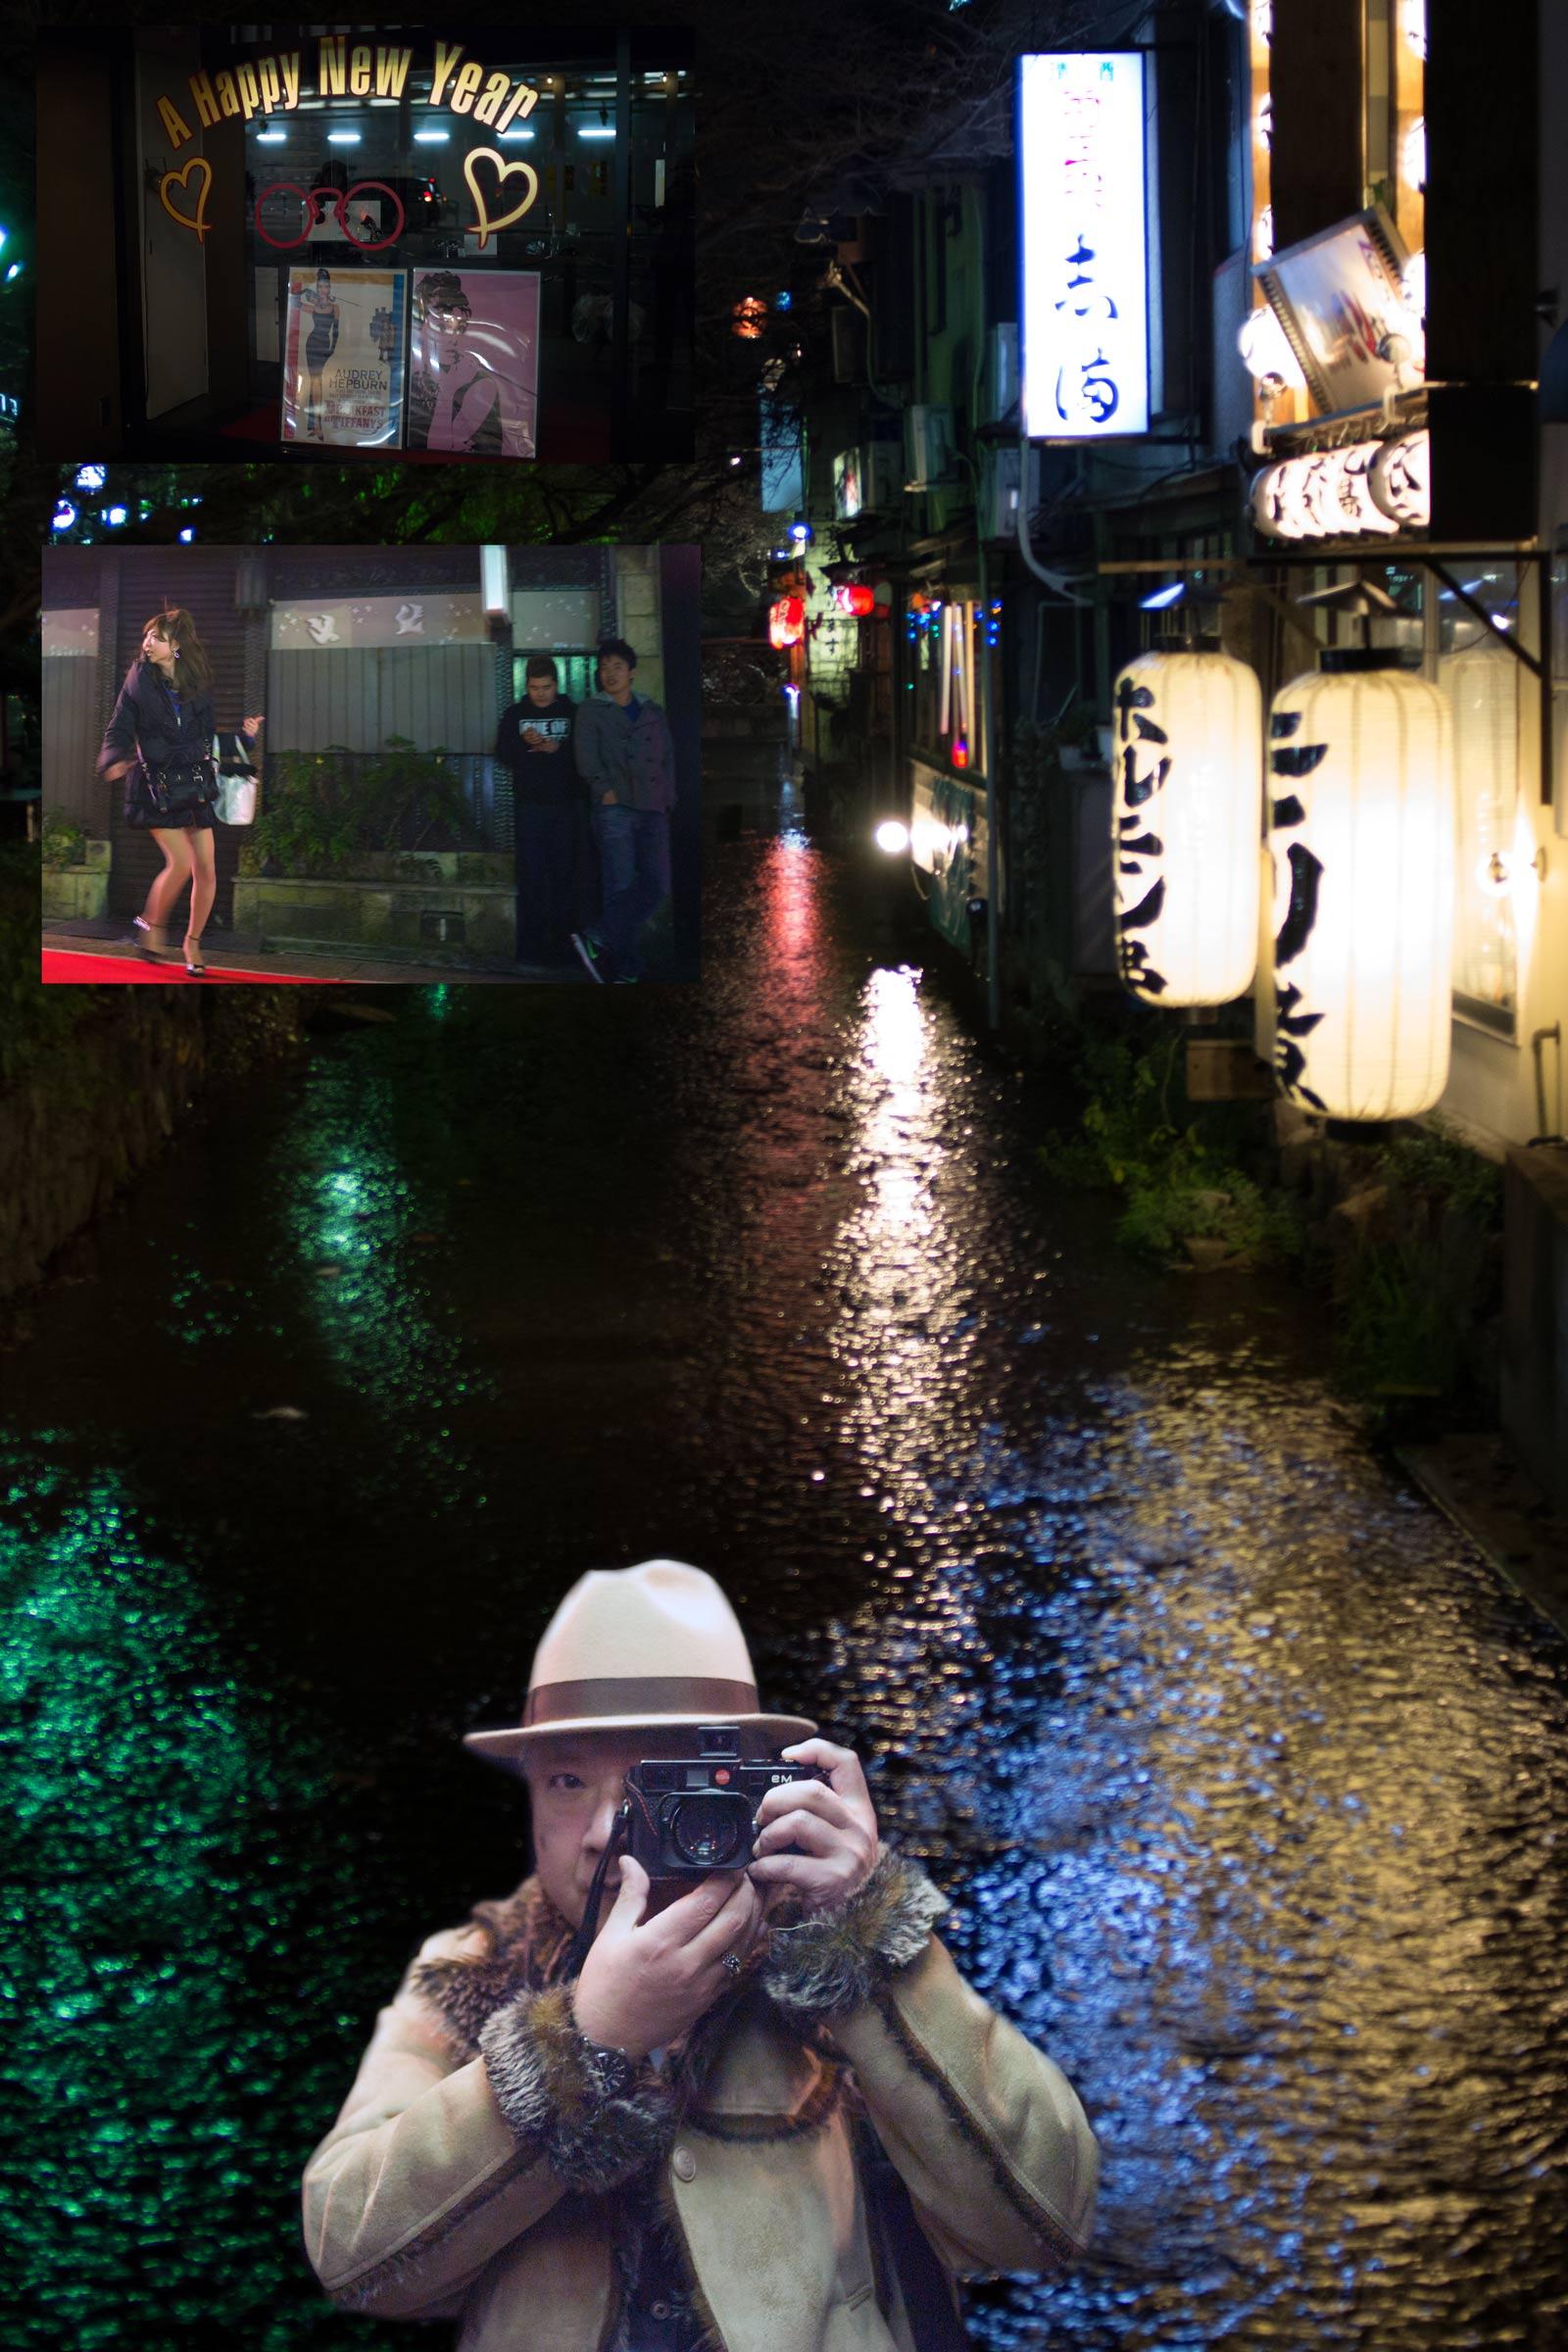 大晦日、八坂神社でおけら参り_a0271402_11241983.jpg